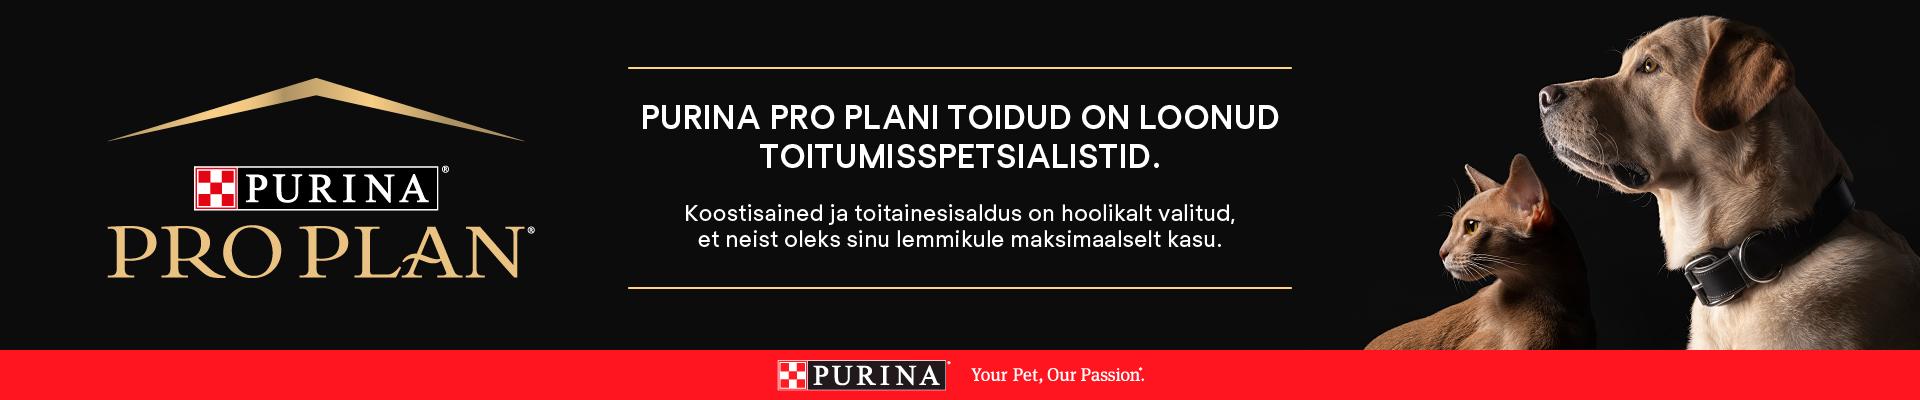 Pro Plan